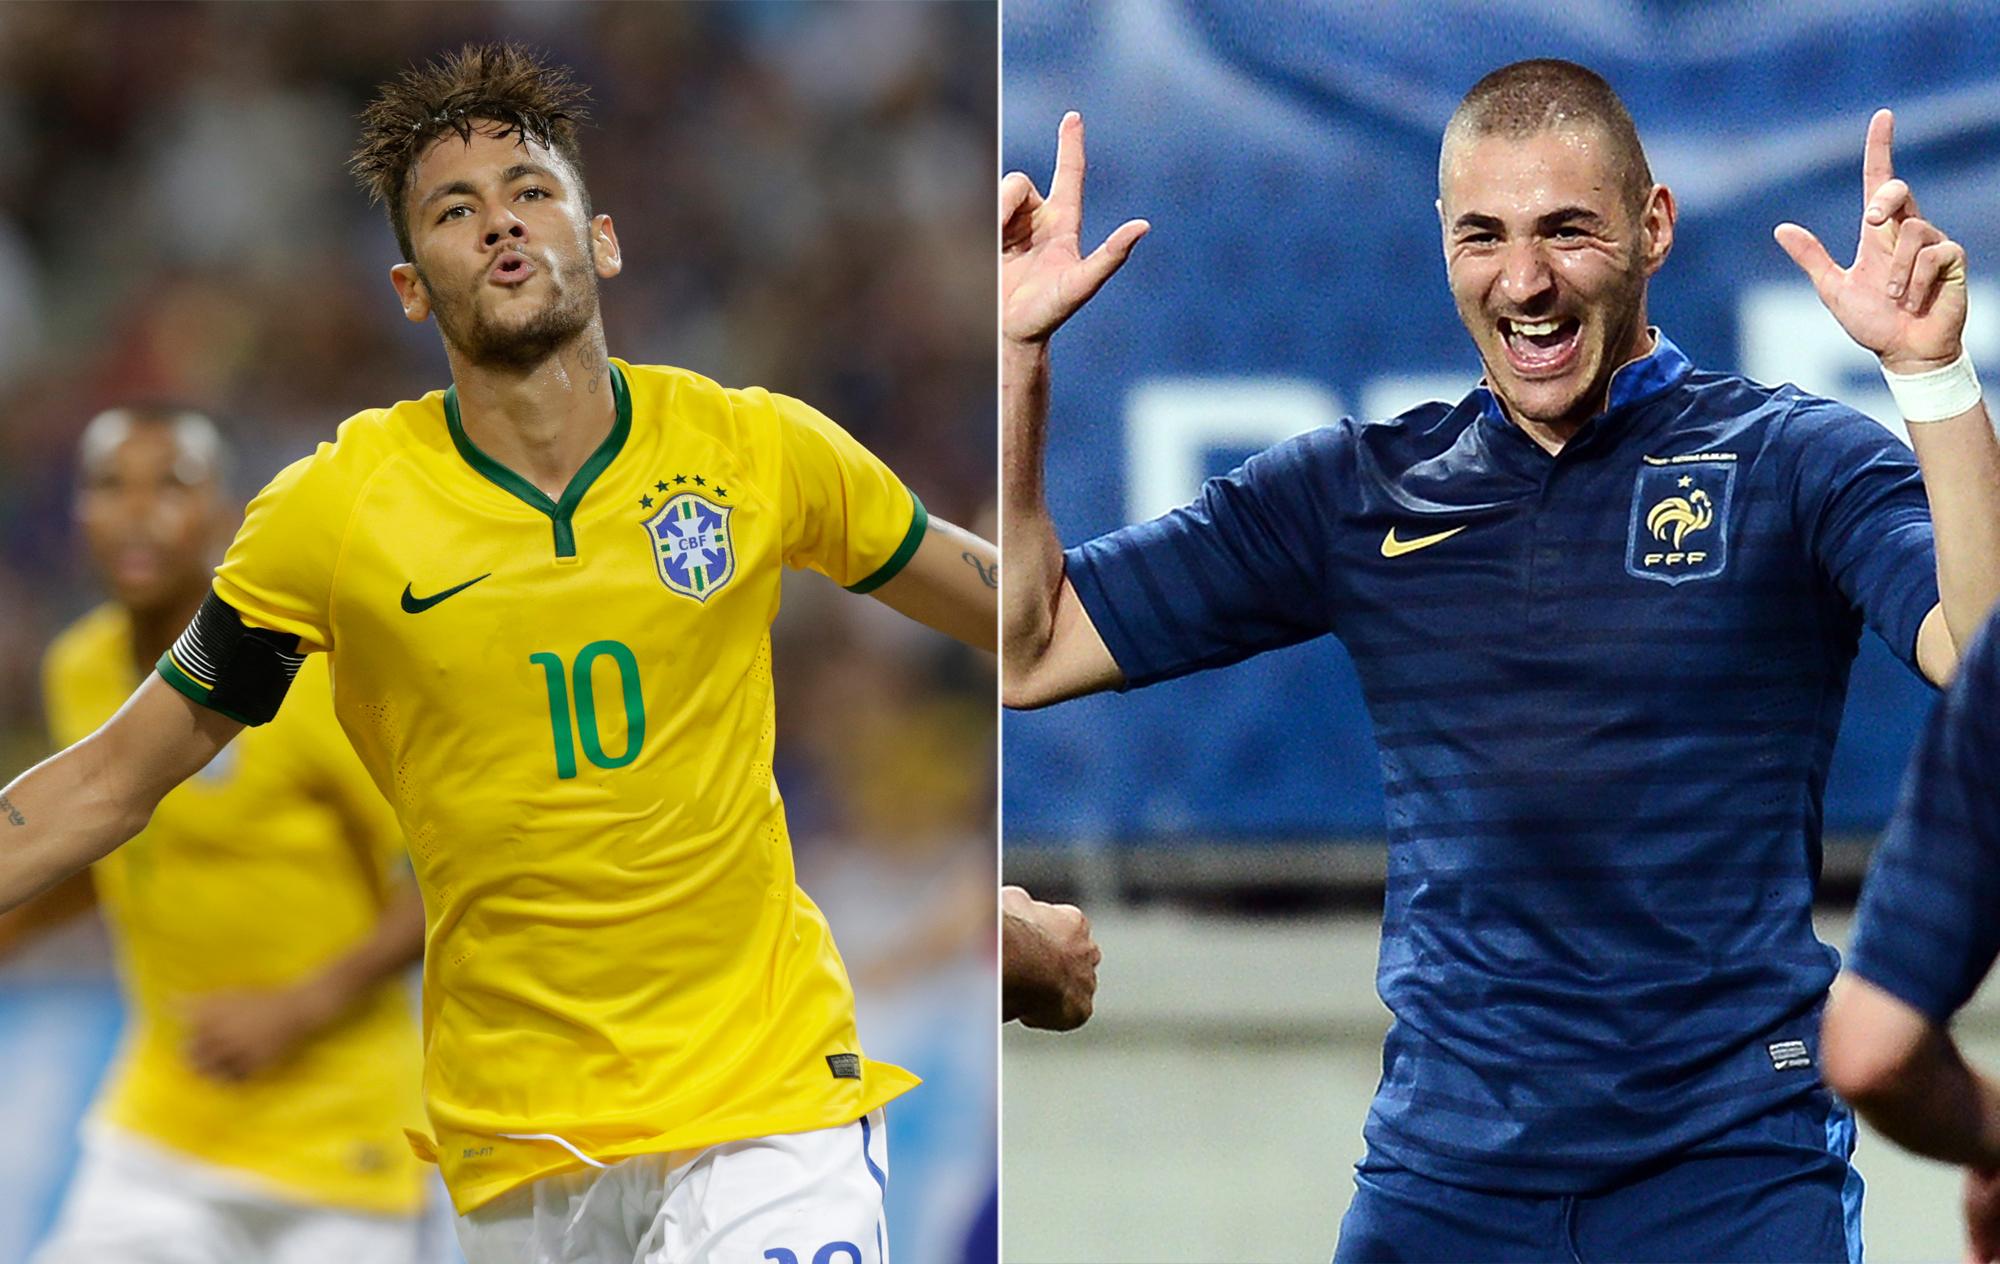 Brasil supera França em valor de mercado  Neymar no topo da lista f97e916e6a876